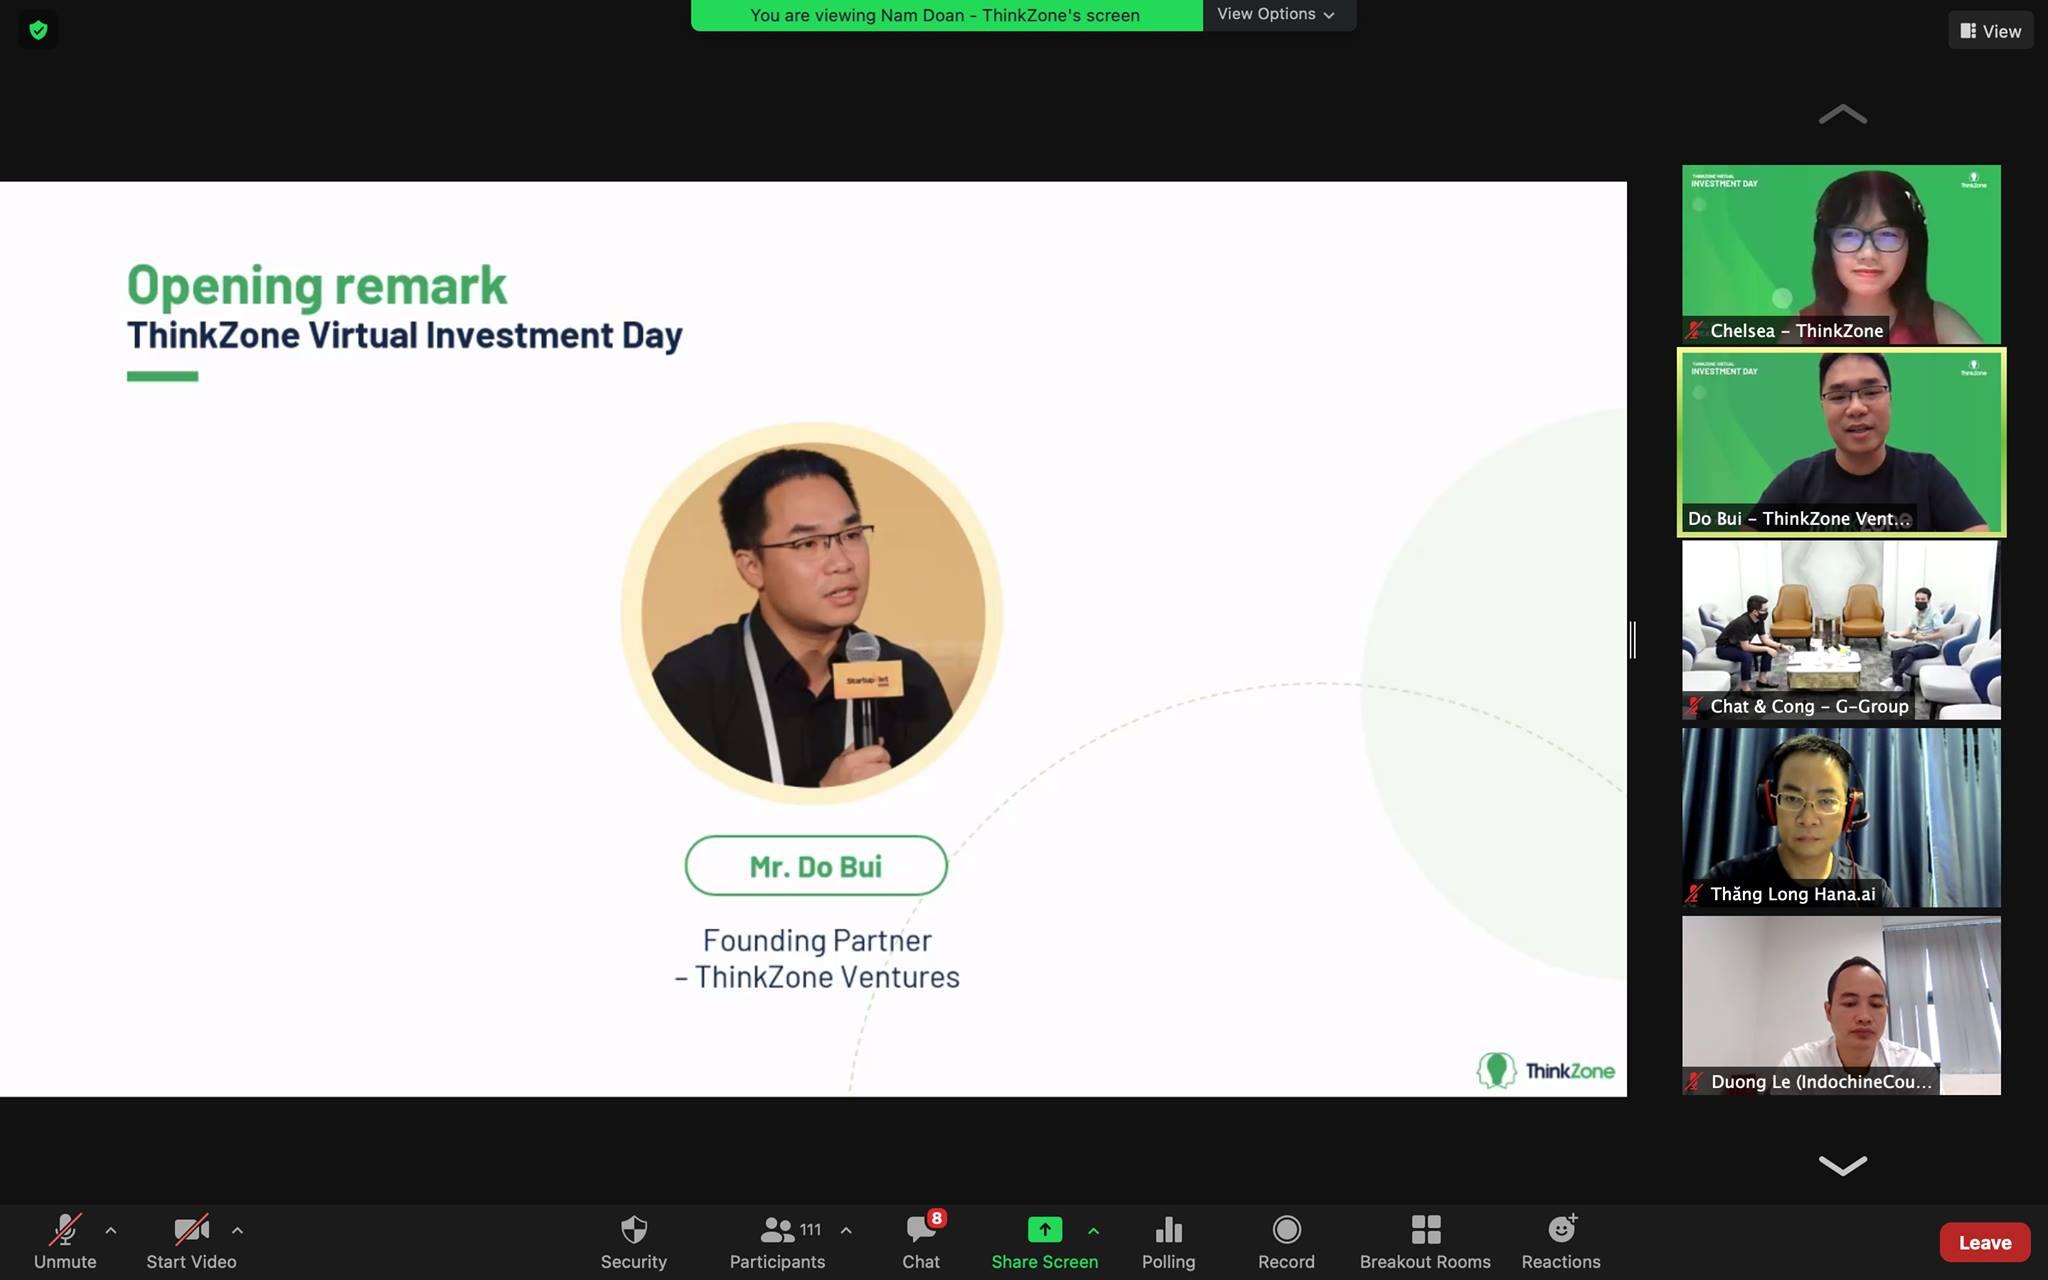 Sự kiện tổ chức trực tuyến giúp kết nối startup, nhà đầu tư trong bối cảnh phòng chống dịch.